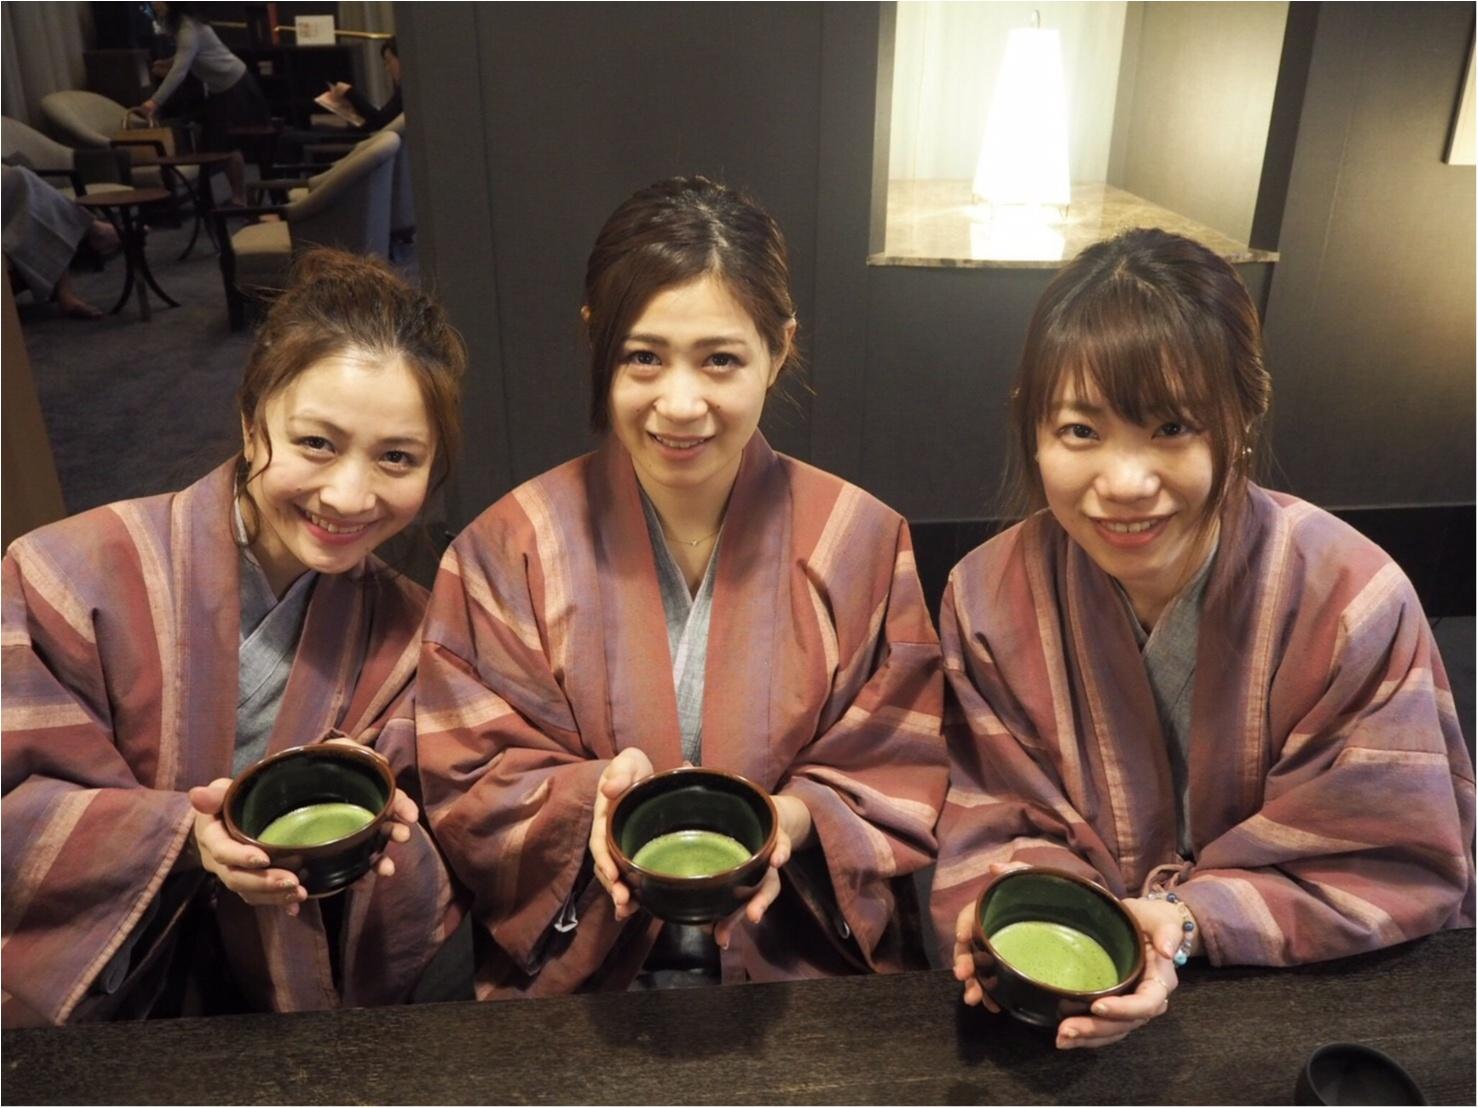 宿泊者は無料で楽しめる♡【碾茶(てんちゃ)と抹茶体験 】で浜松のお茶を堪能~♡【星野リゾート 界 遠州】_3